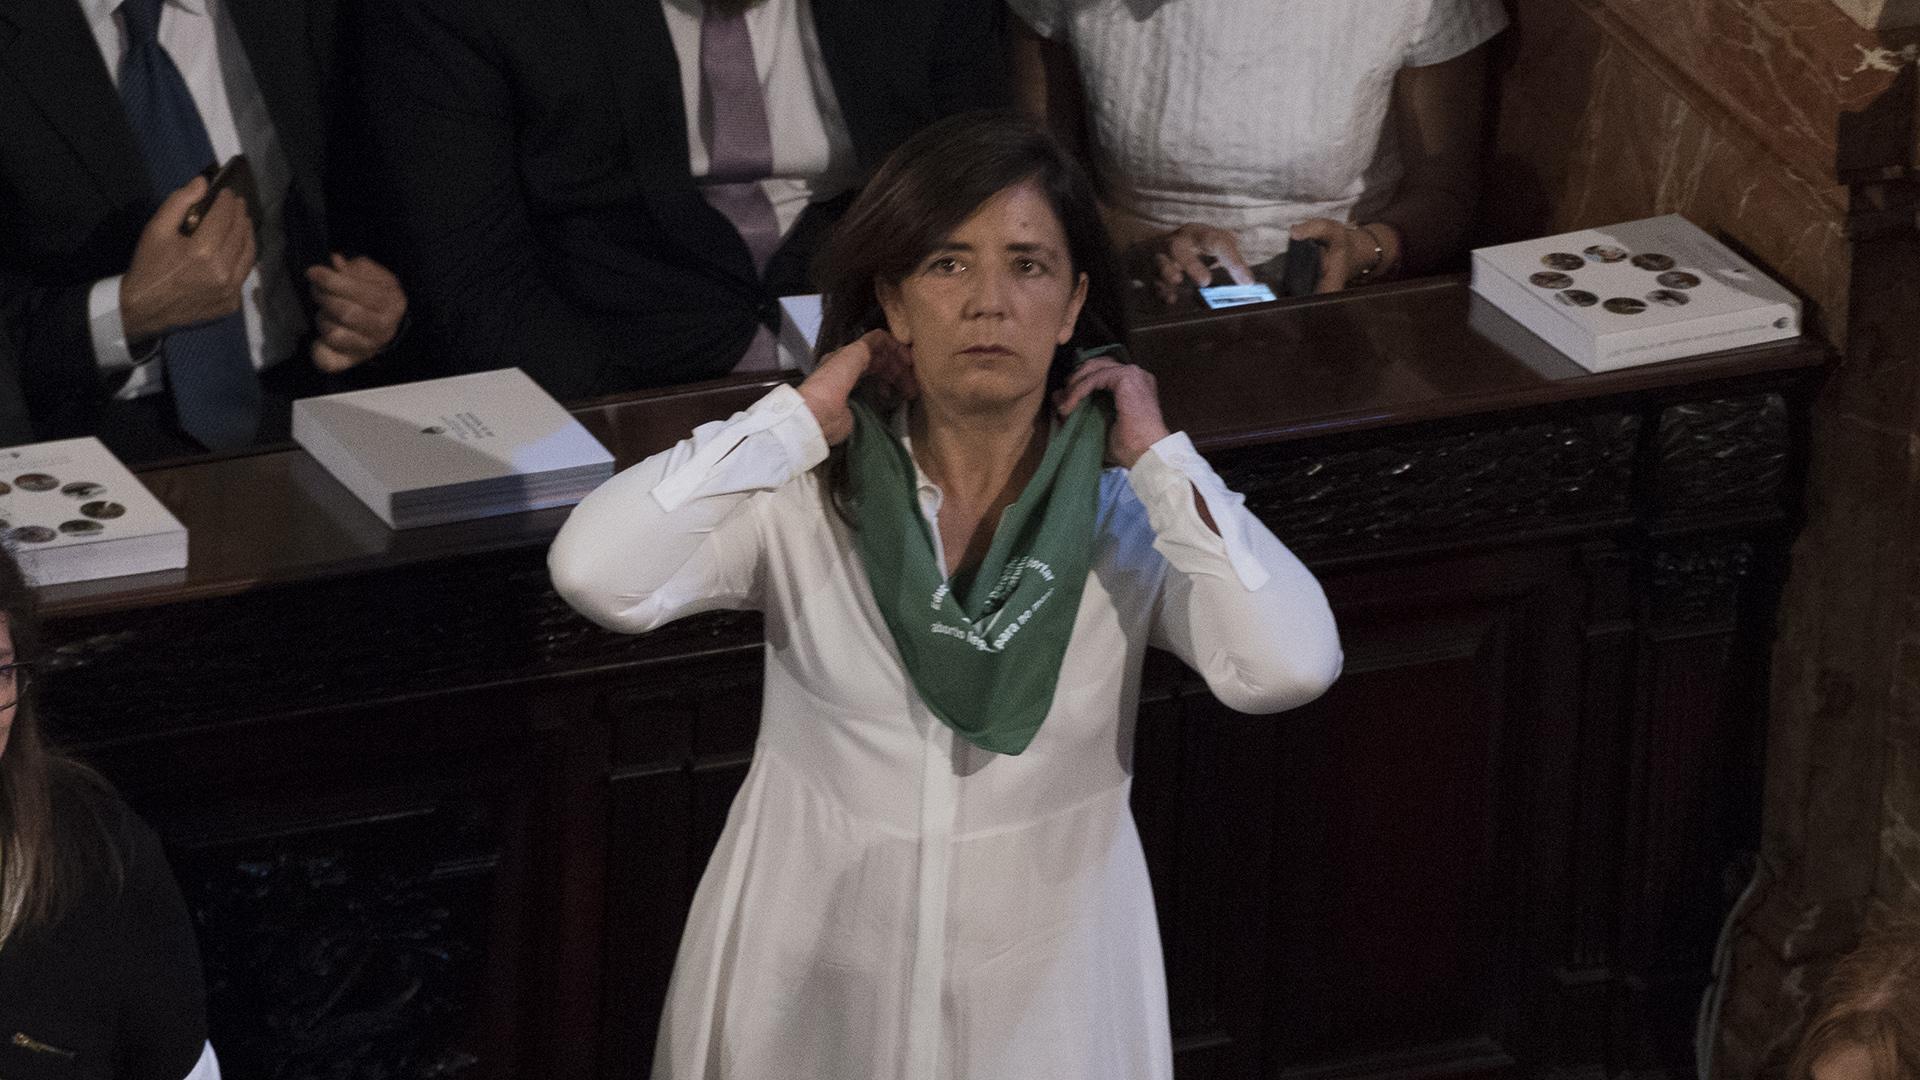 Gabriela Cerruti con el pañuelo verde, símbolo del reclamo por la ley de interrupción del embarazo voluntario